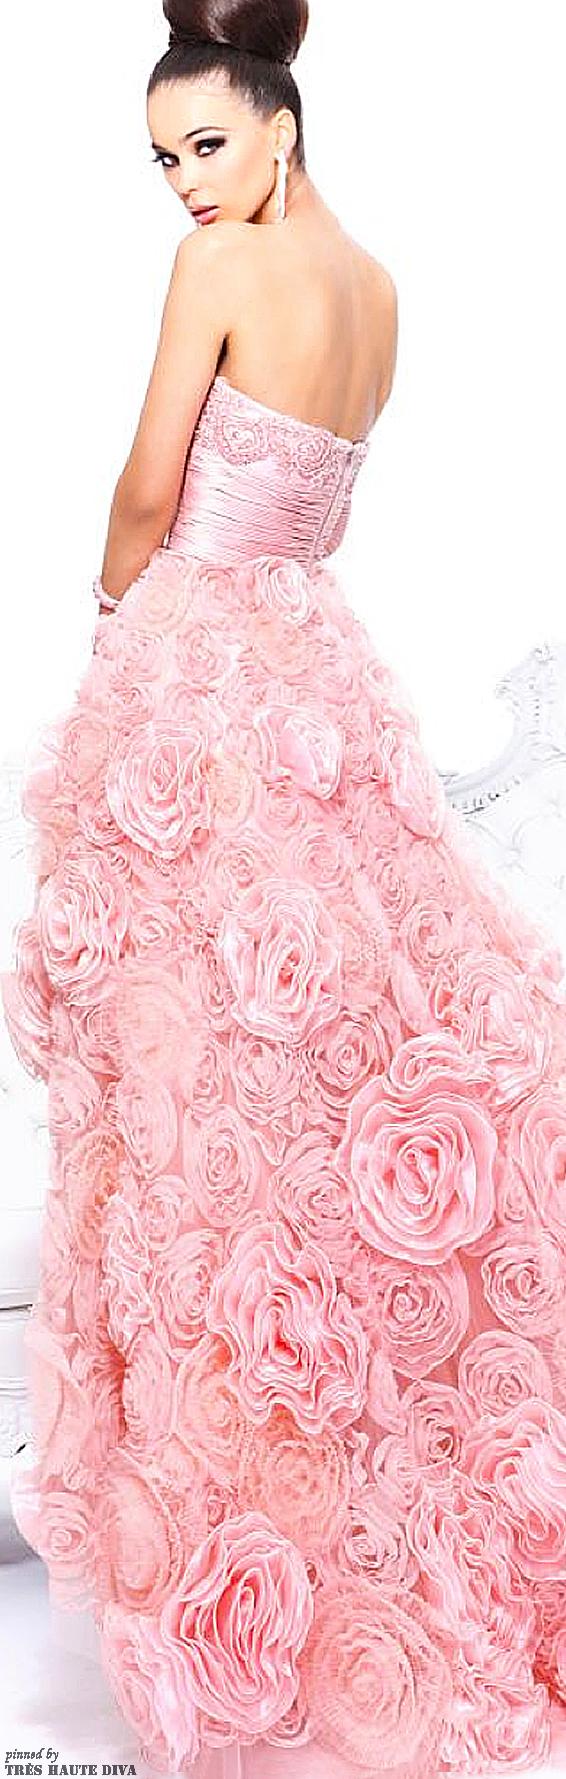 Sherri Hill Fall 2013 - an amazing gown! | Kleider | Pinterest ...